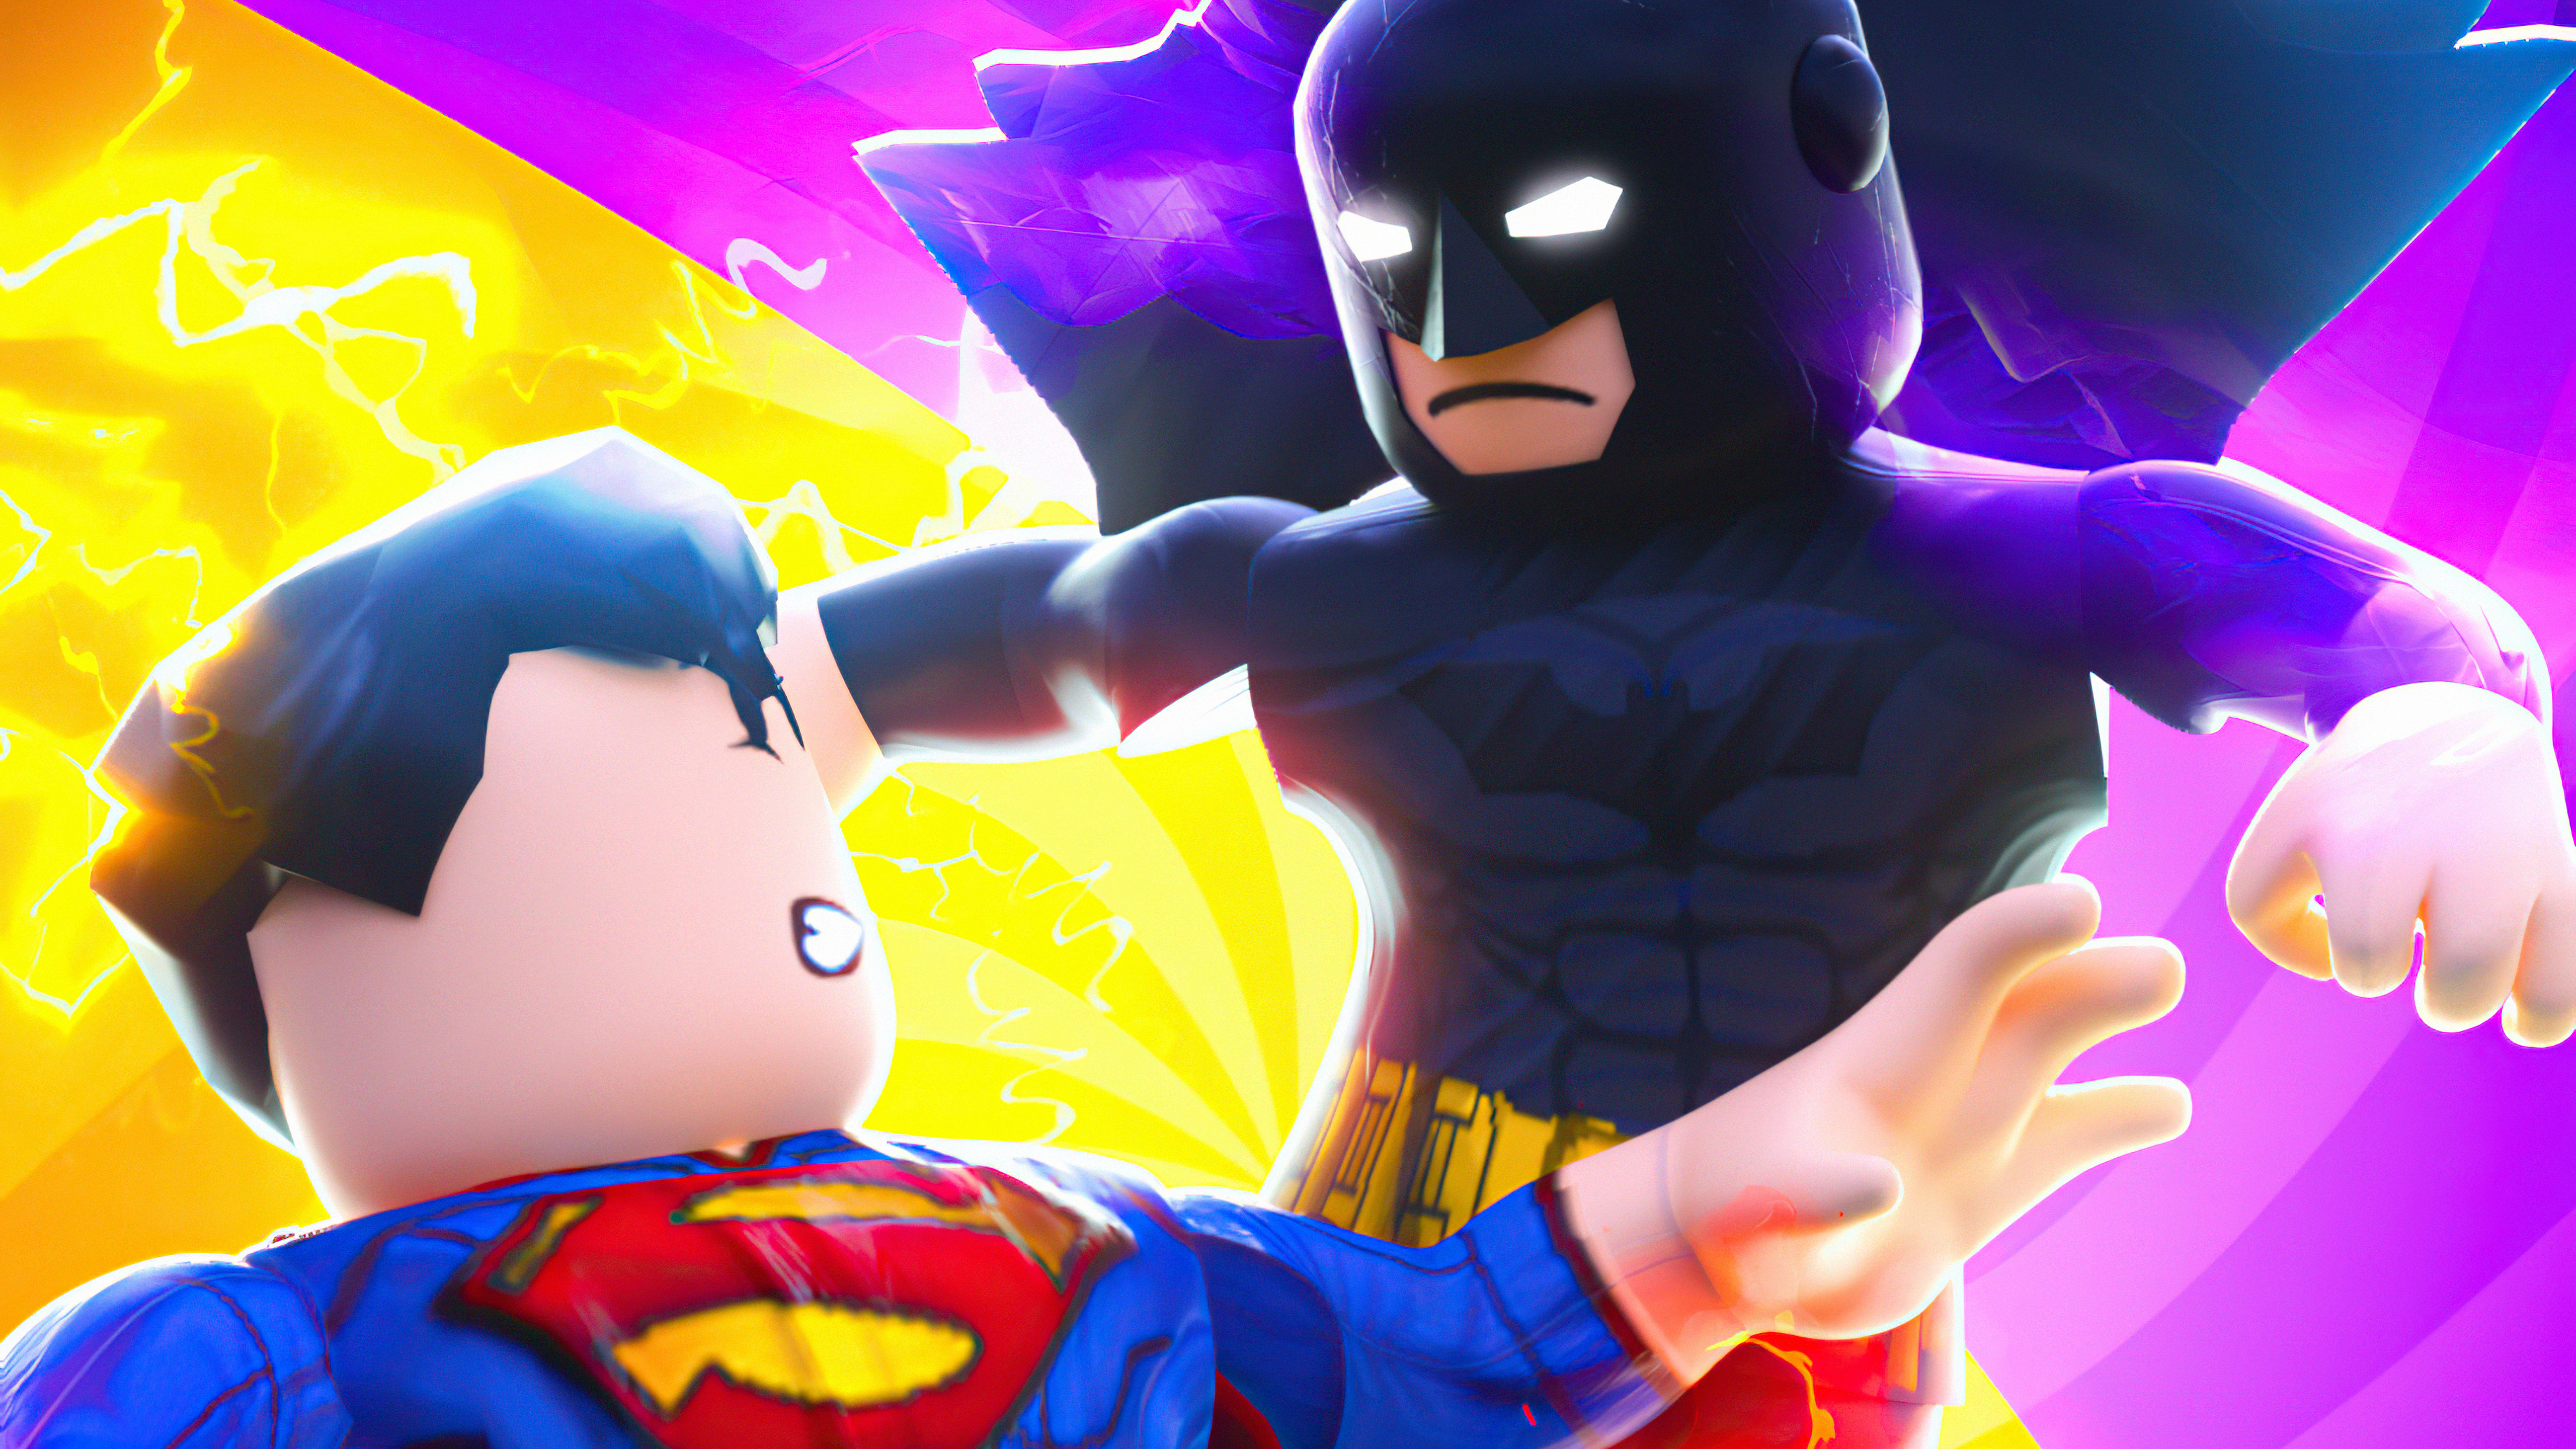 Wallpaper Batman vs Superman Lego